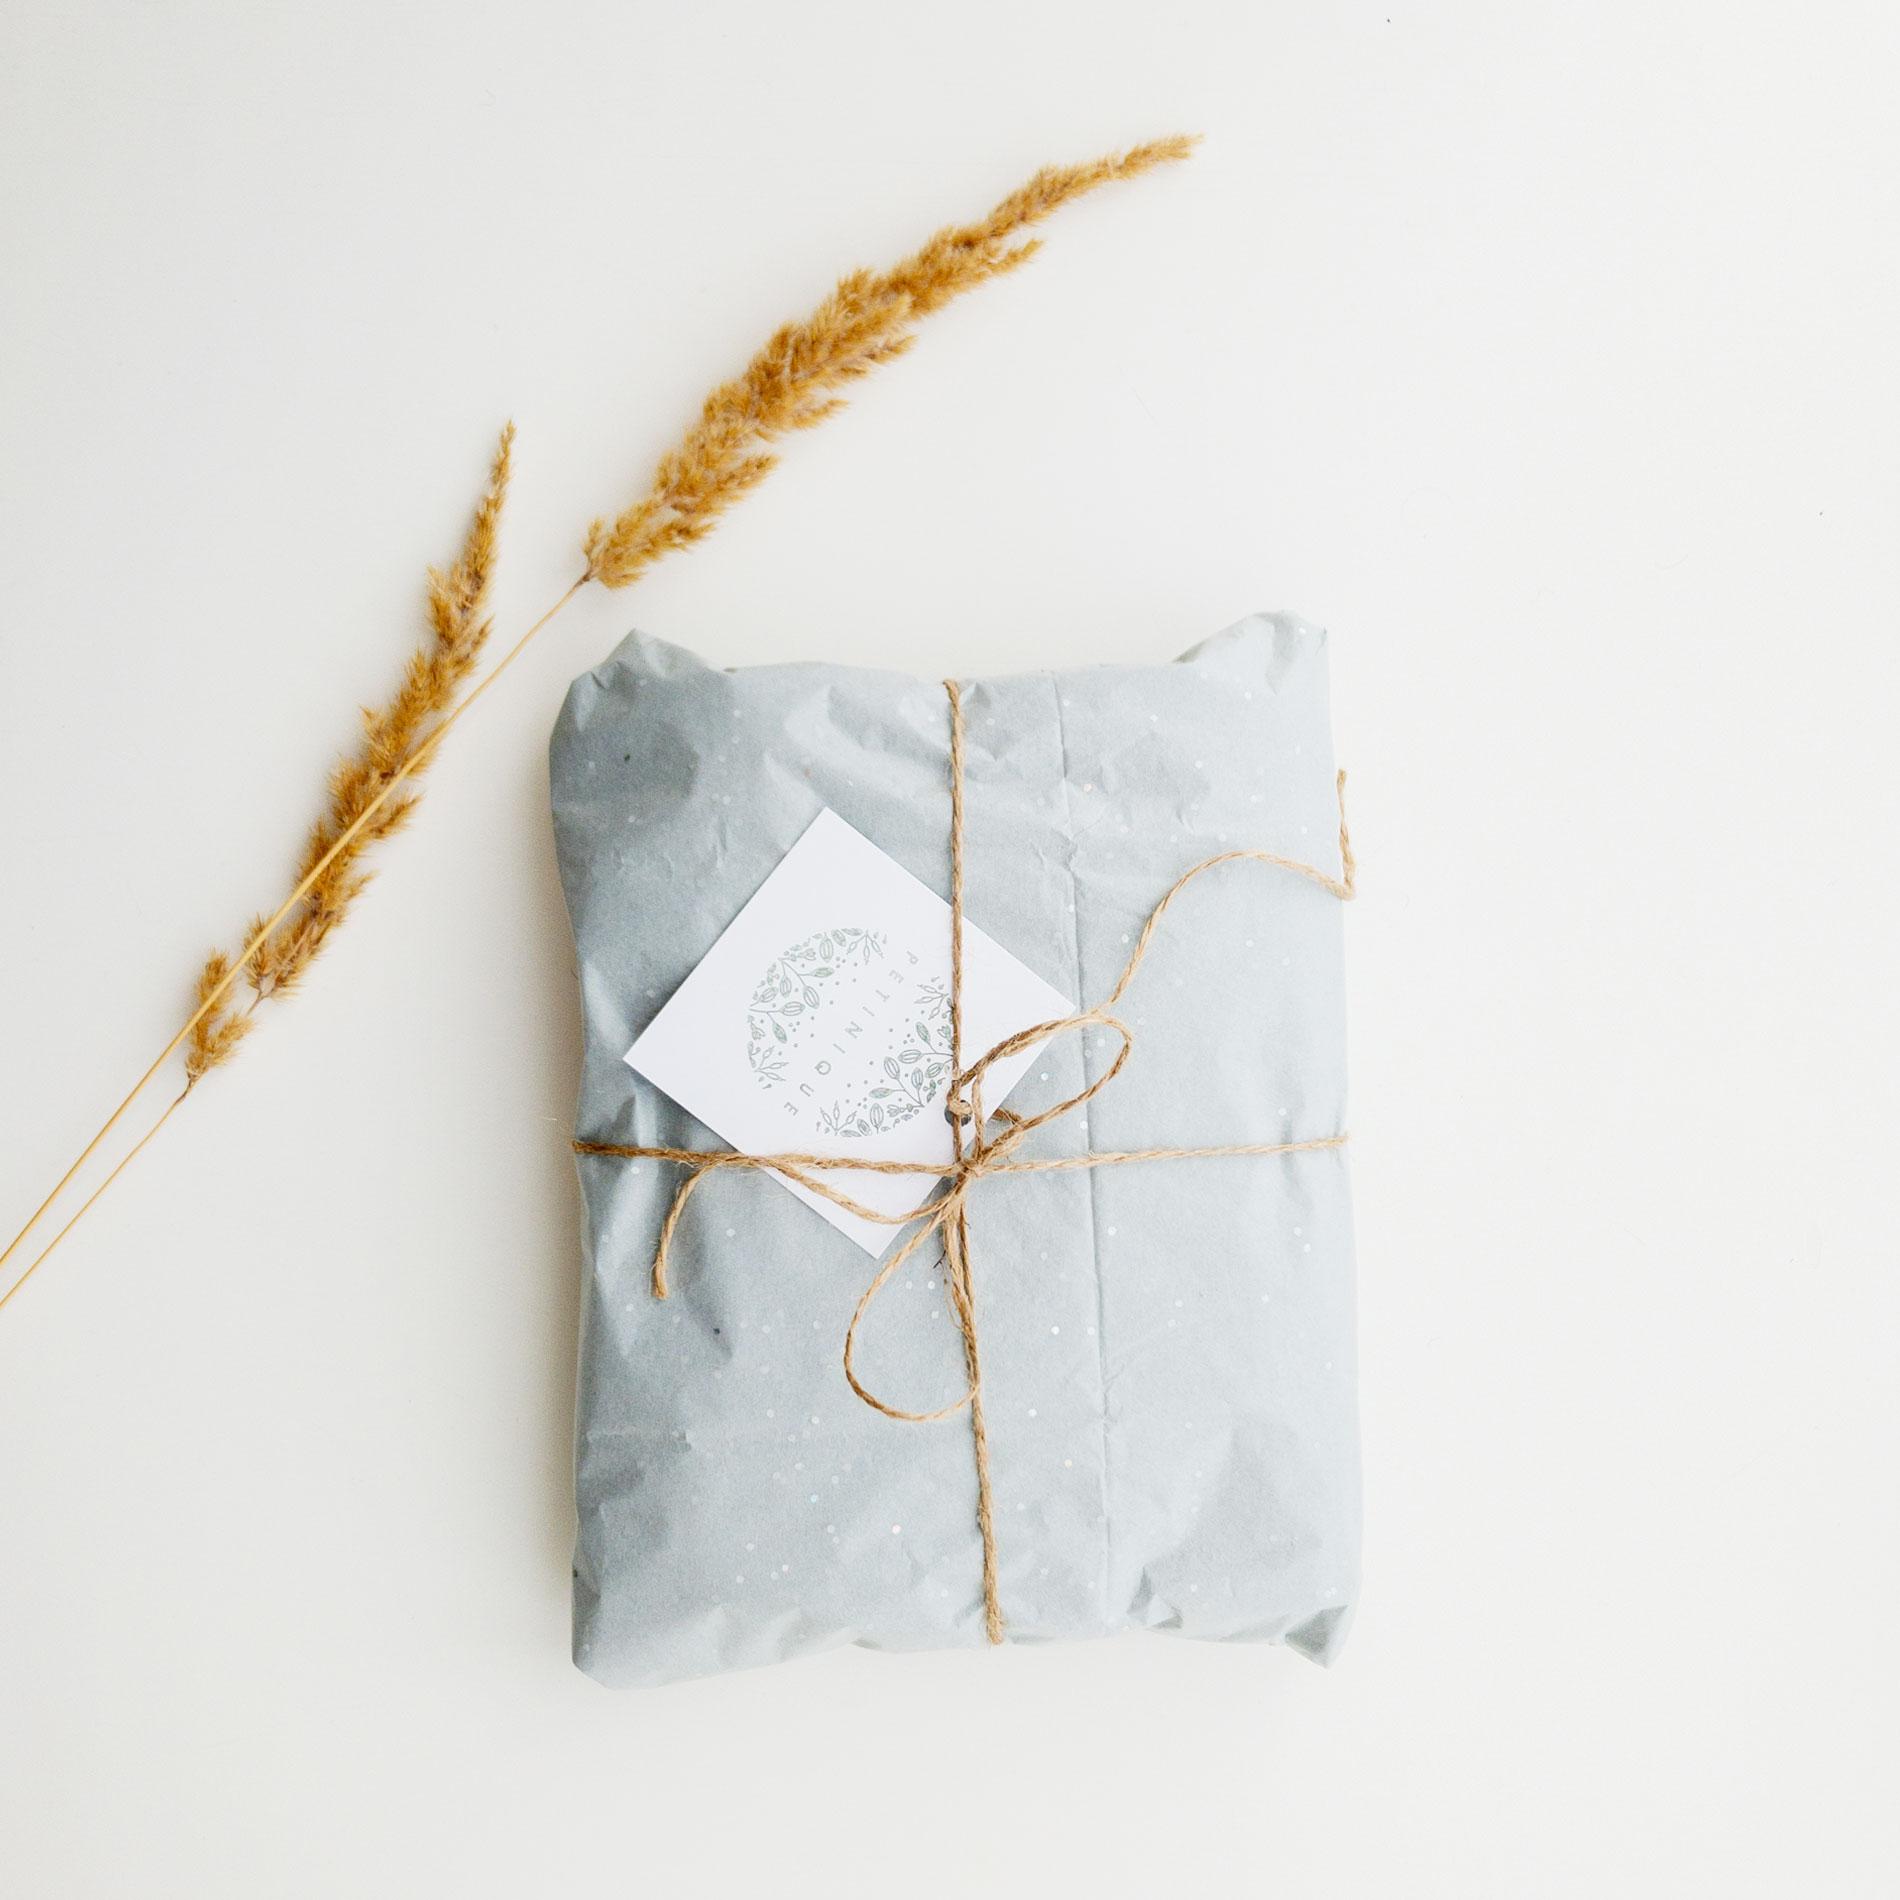 Geschenkideen zu Weihnachten, Geschenkideen zum Advent, Geschenkideen Nikolaus, Geschenke zu Weihnachten, Geschenke für Männer, Geschenke für Frauen, personalisierte Geschenke